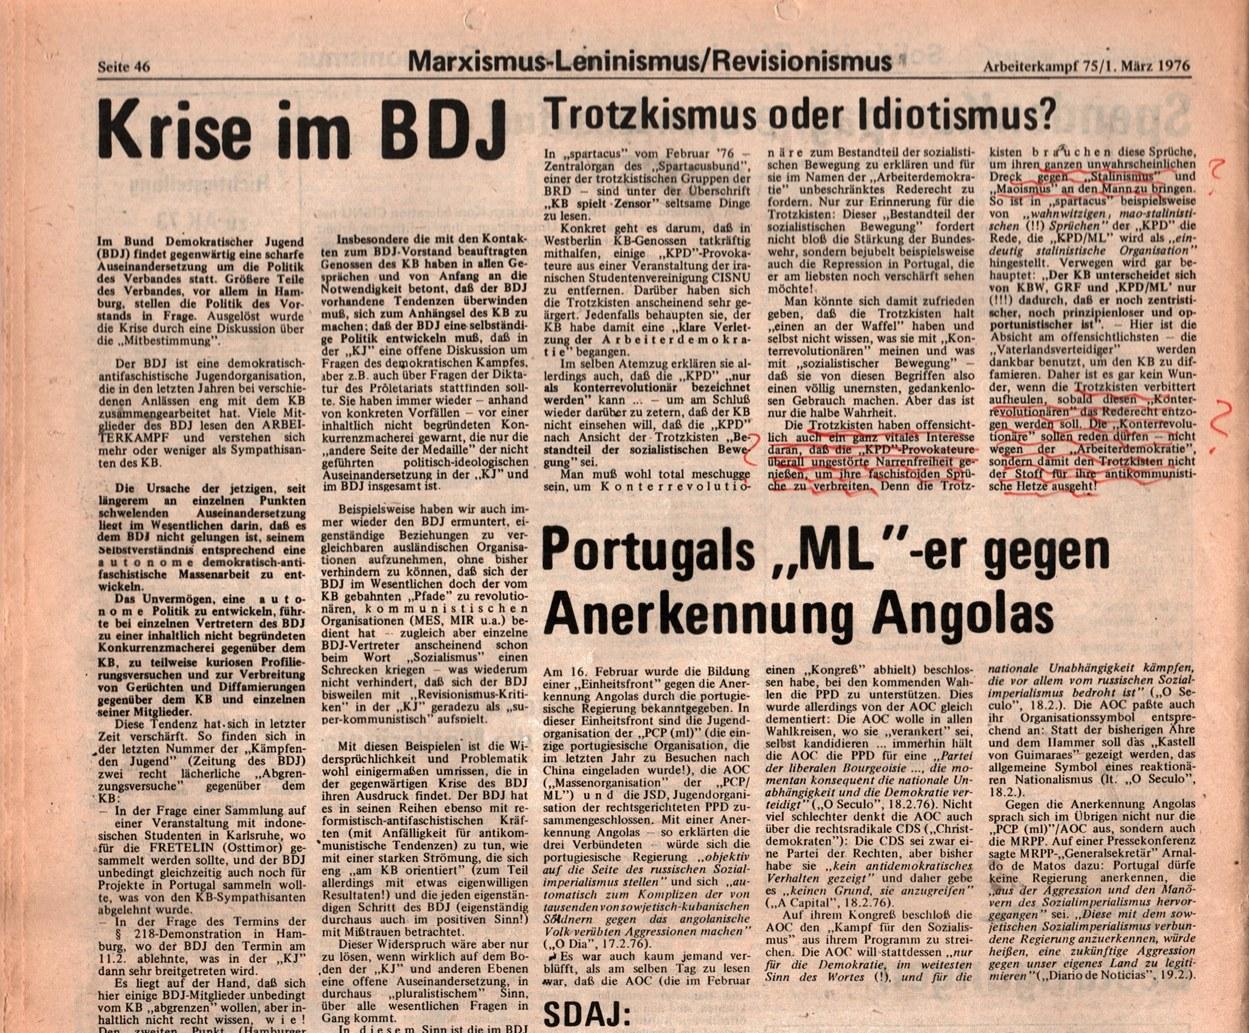 KB_AK_1976_075_091